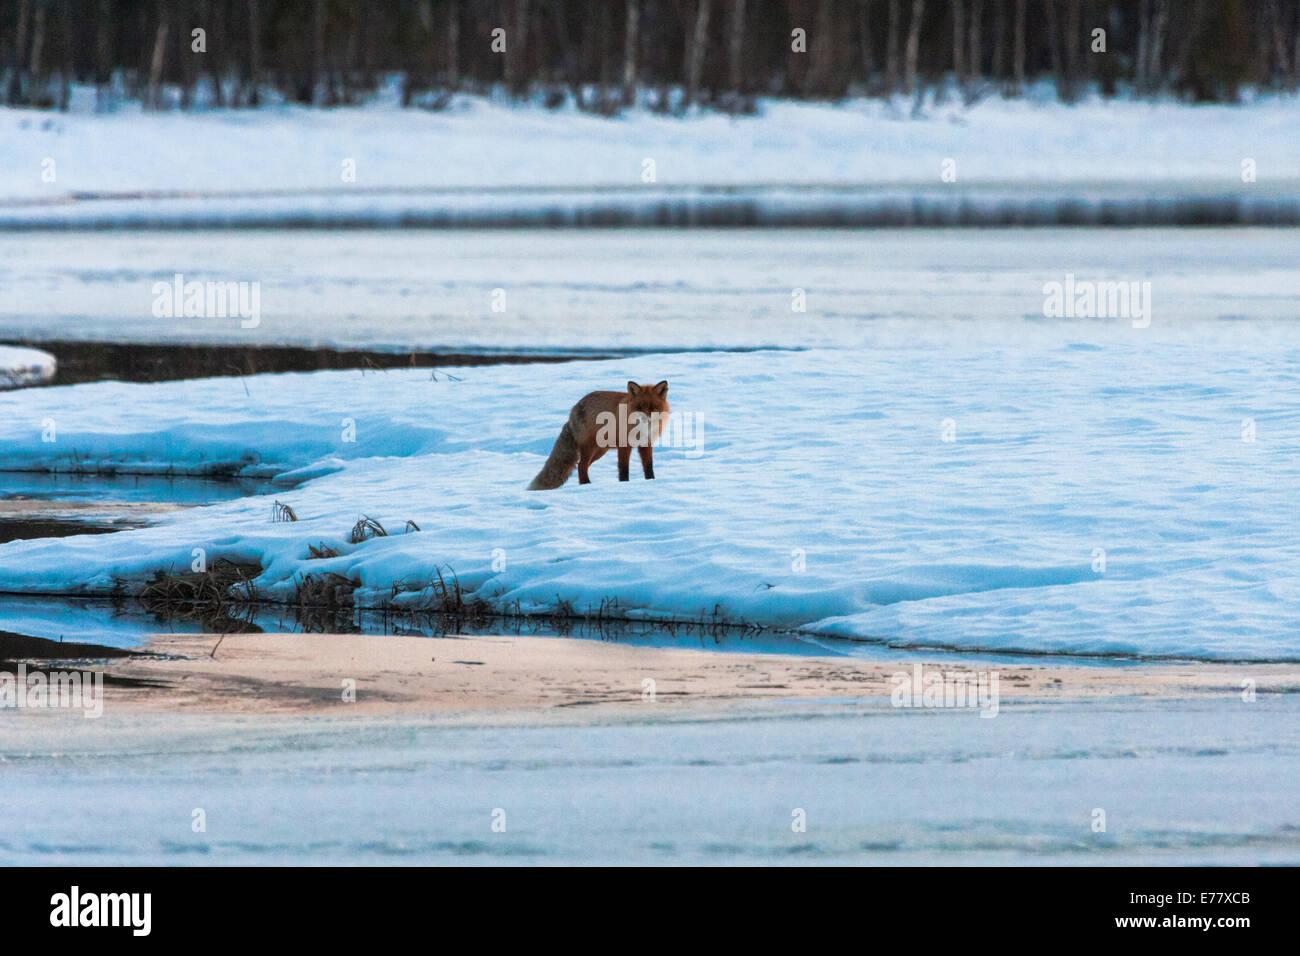 Redfox en paisaje de invierno Imagen De Stock